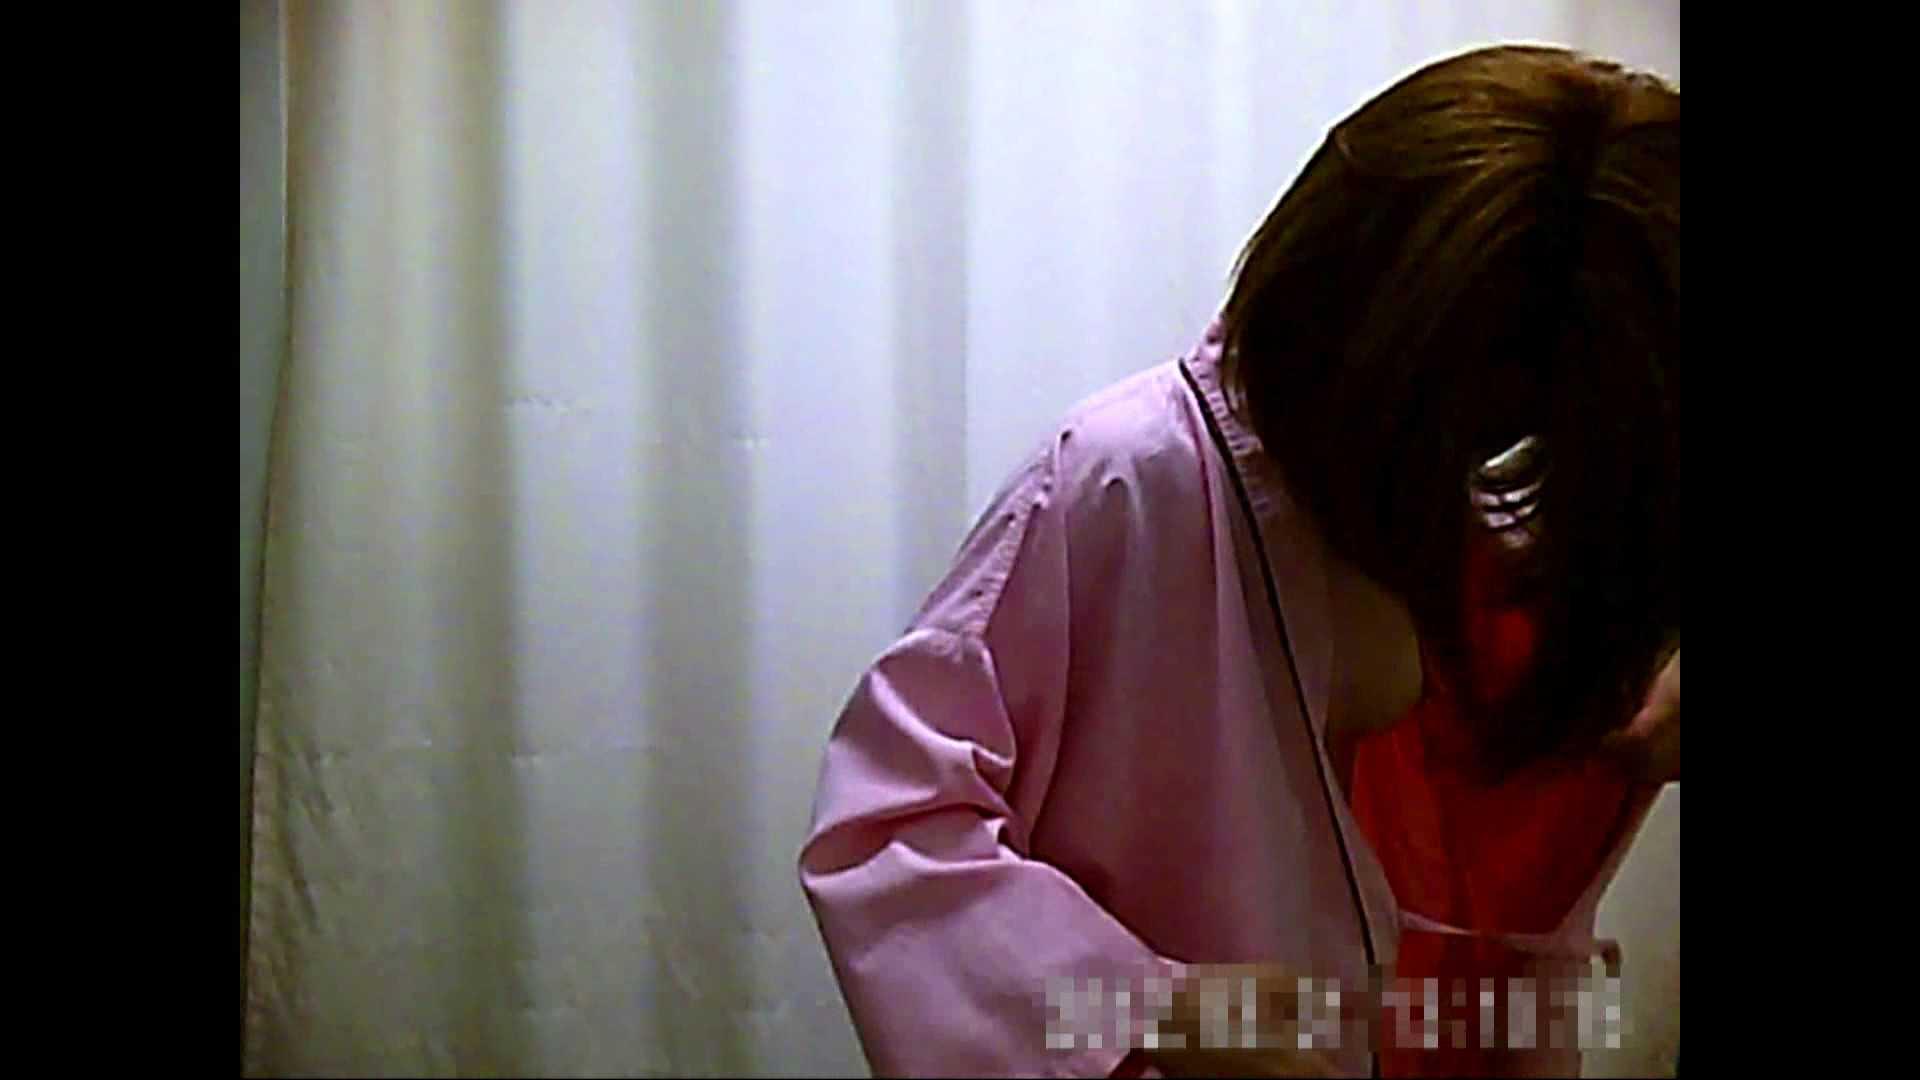 元医者による反抗 更衣室地獄絵巻 vol.022 お姉さんのSEX エロ画像 82枚 5